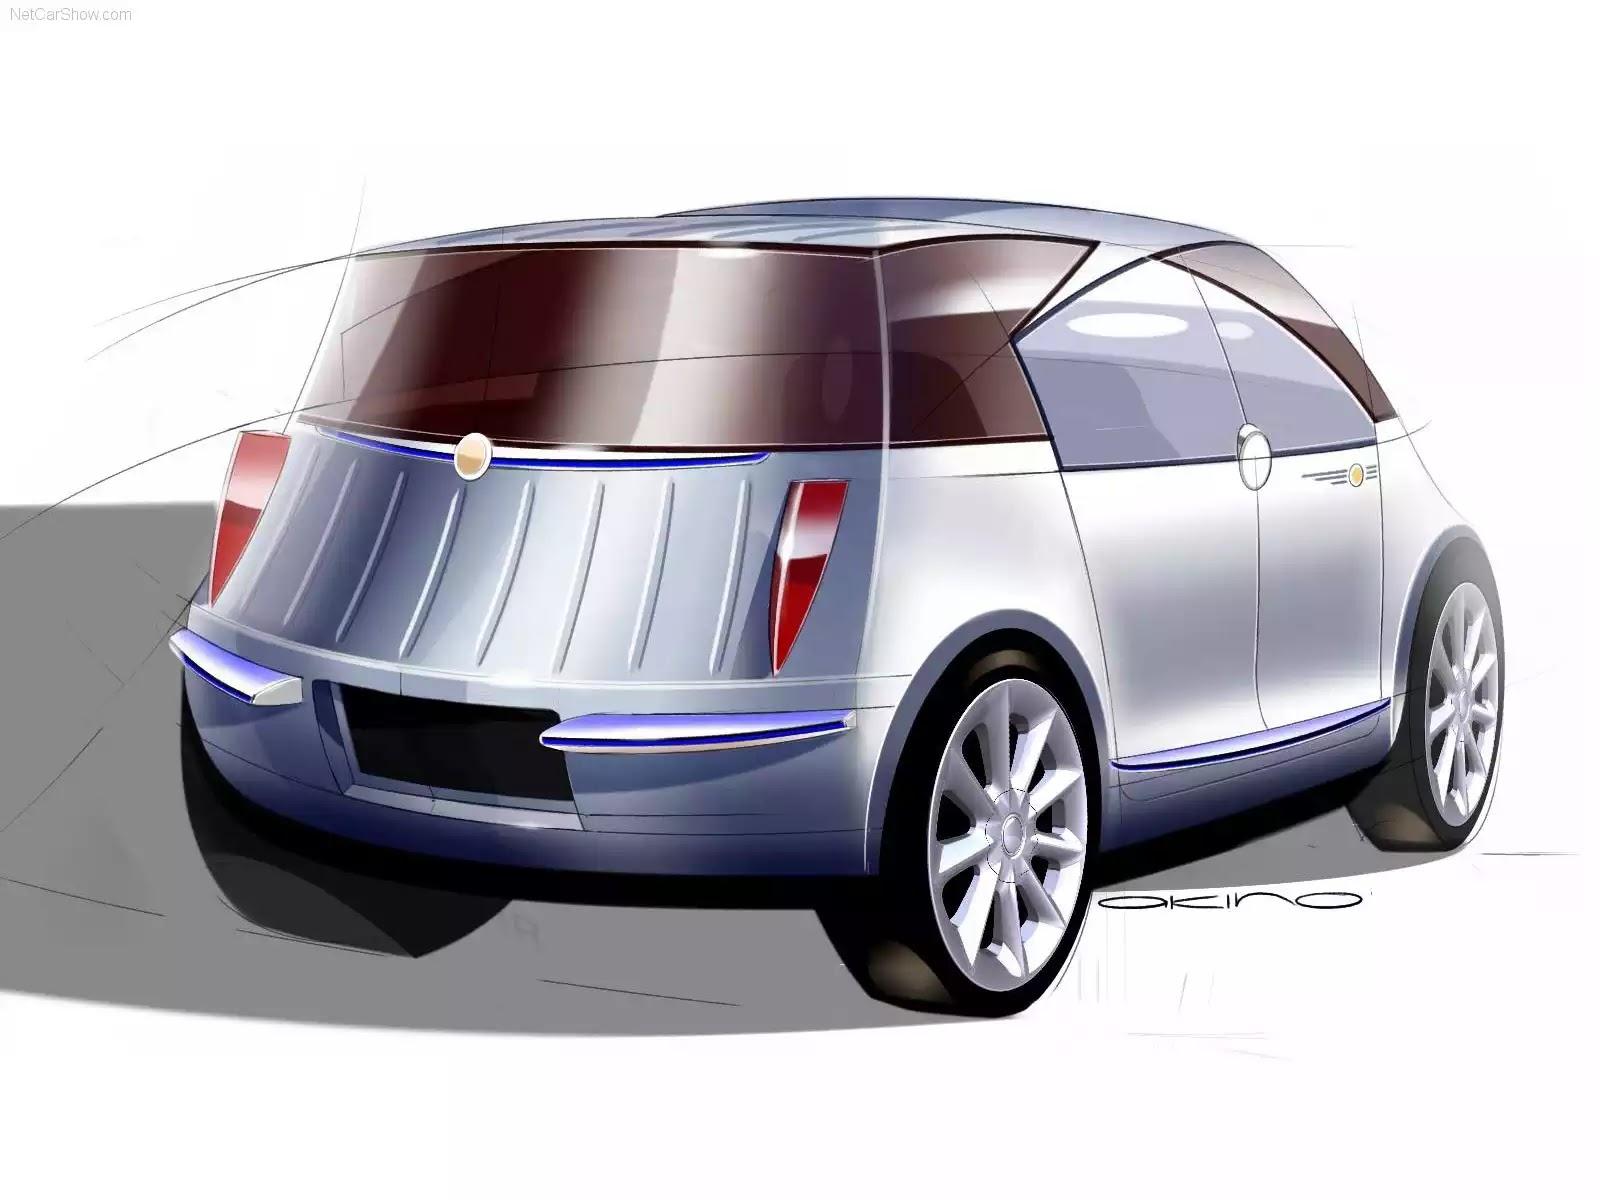 Hình ảnh xe ô tô Chrysler Akino Concept 2005 & nội ngoại thất